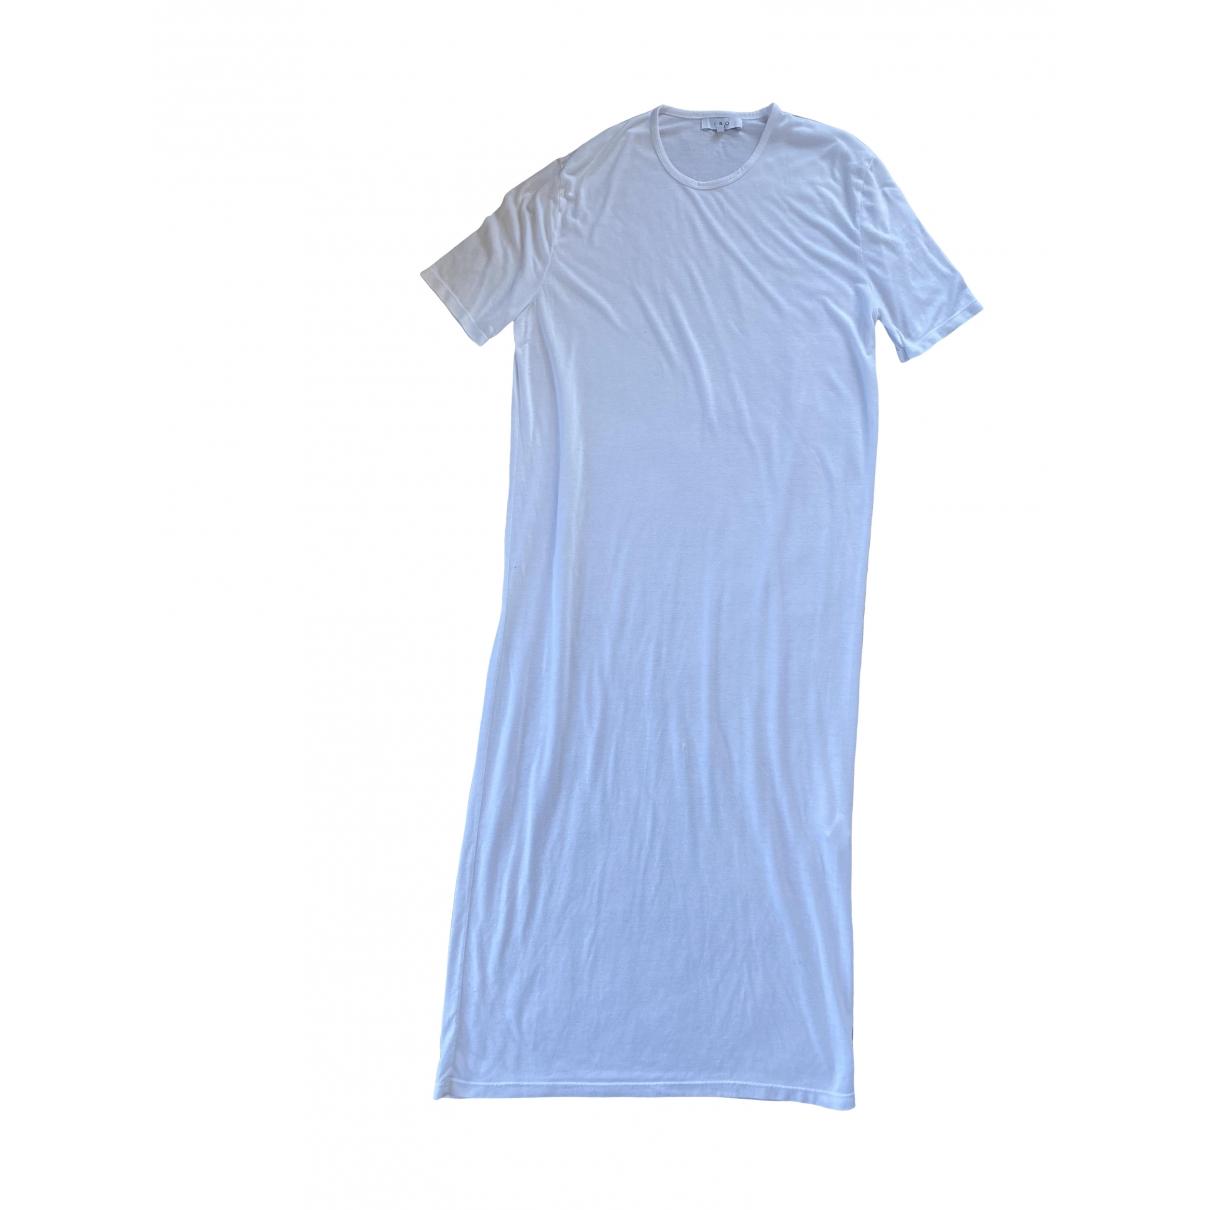 Iro \N Kleid in  Weiss Baumwolle